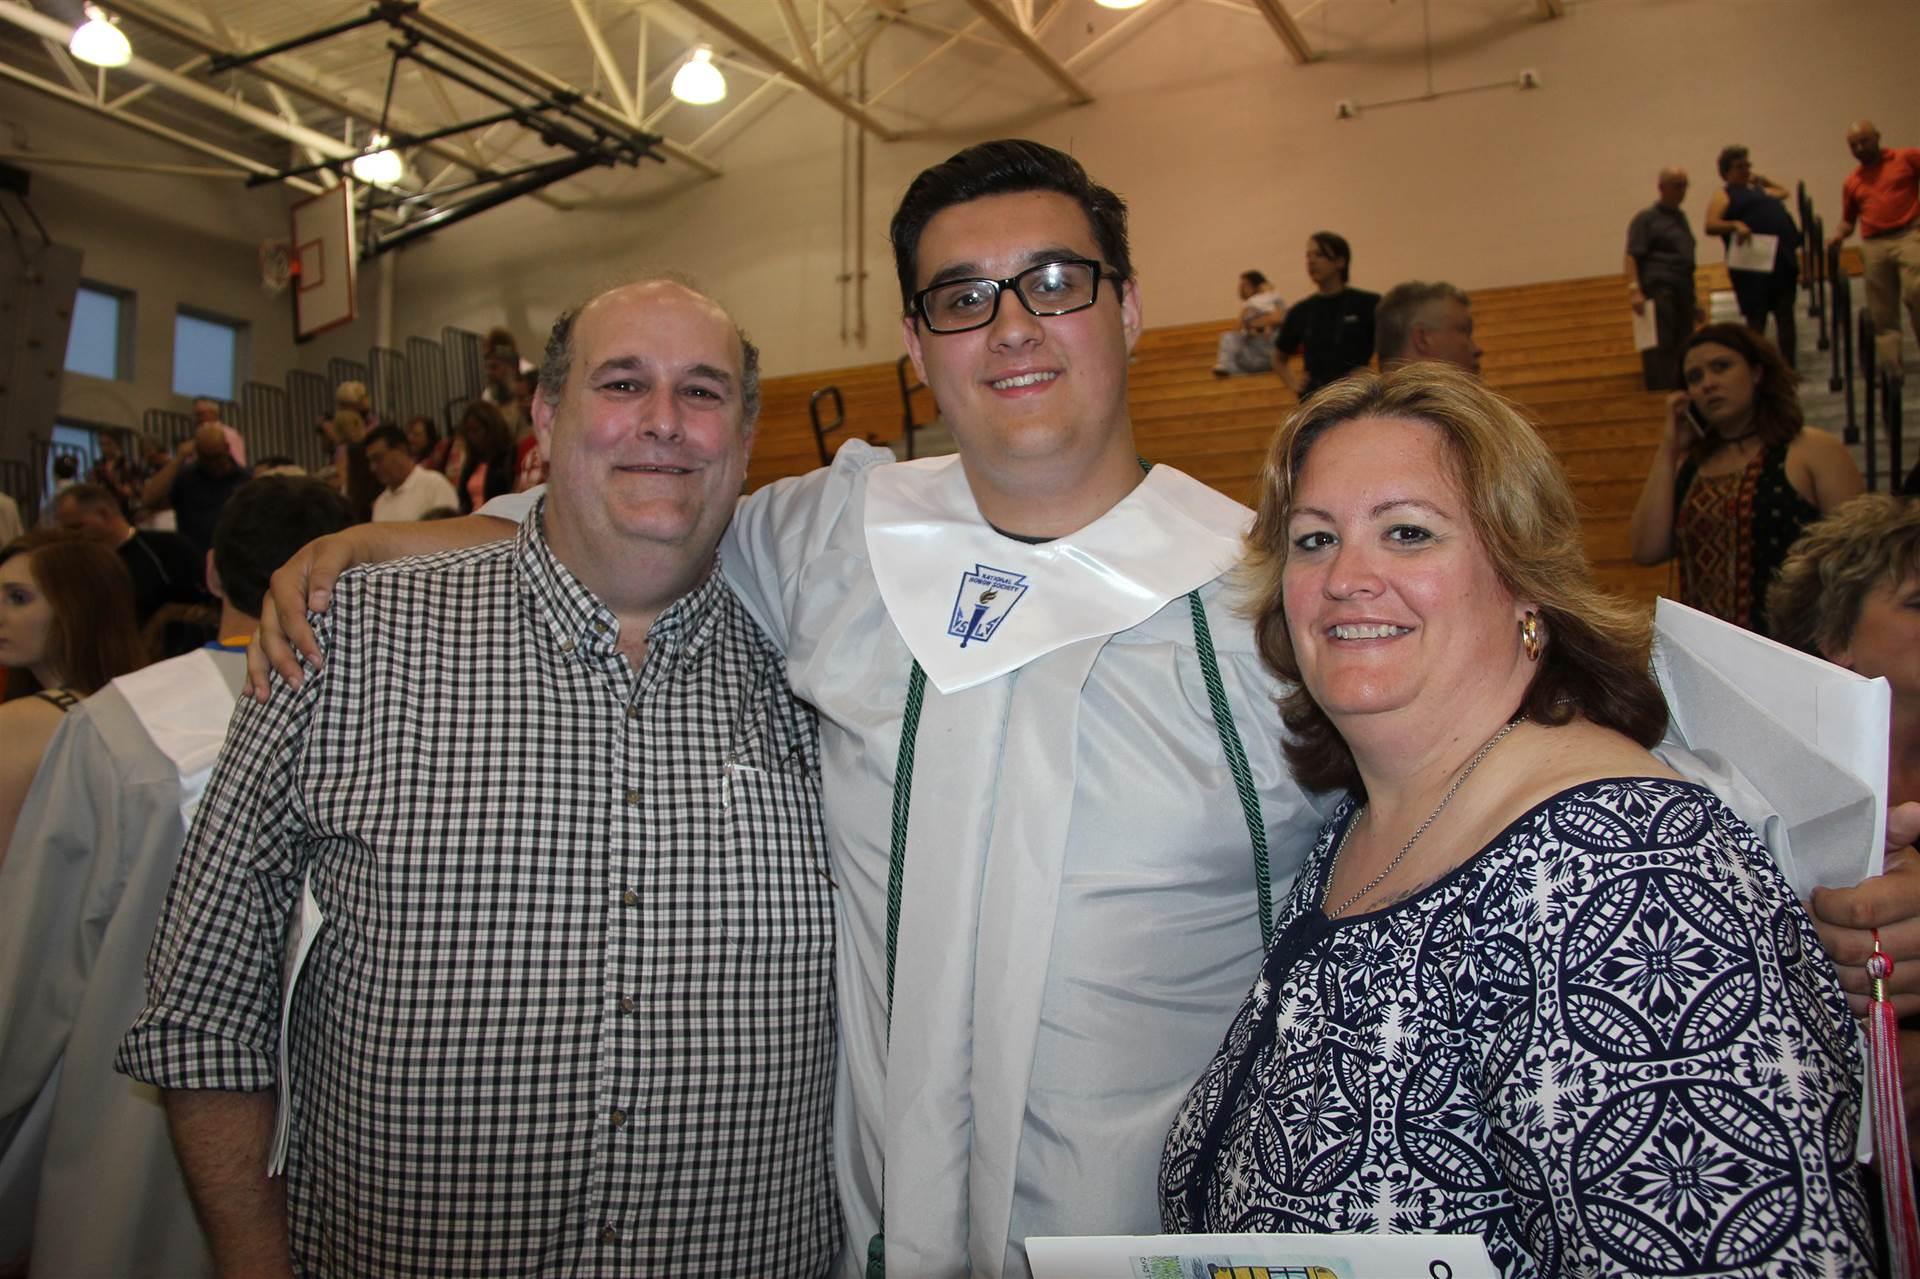 photo 314 from 2017 C V Graduation.